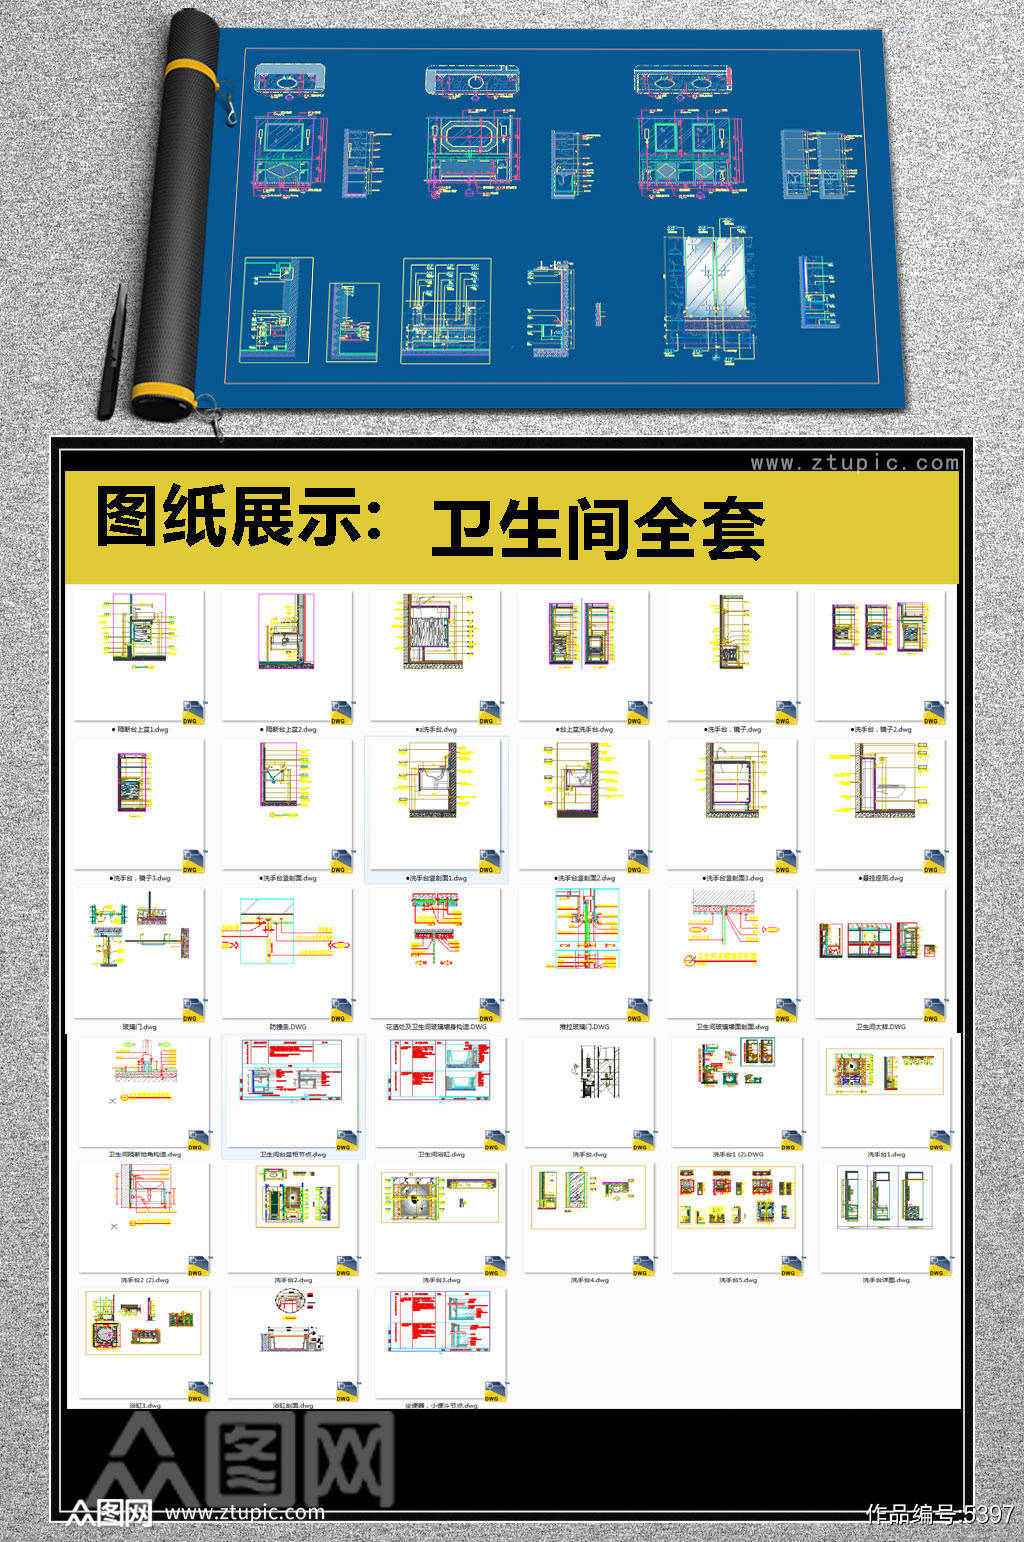 原创卫生间全套详细的外装节点CAD图库素材